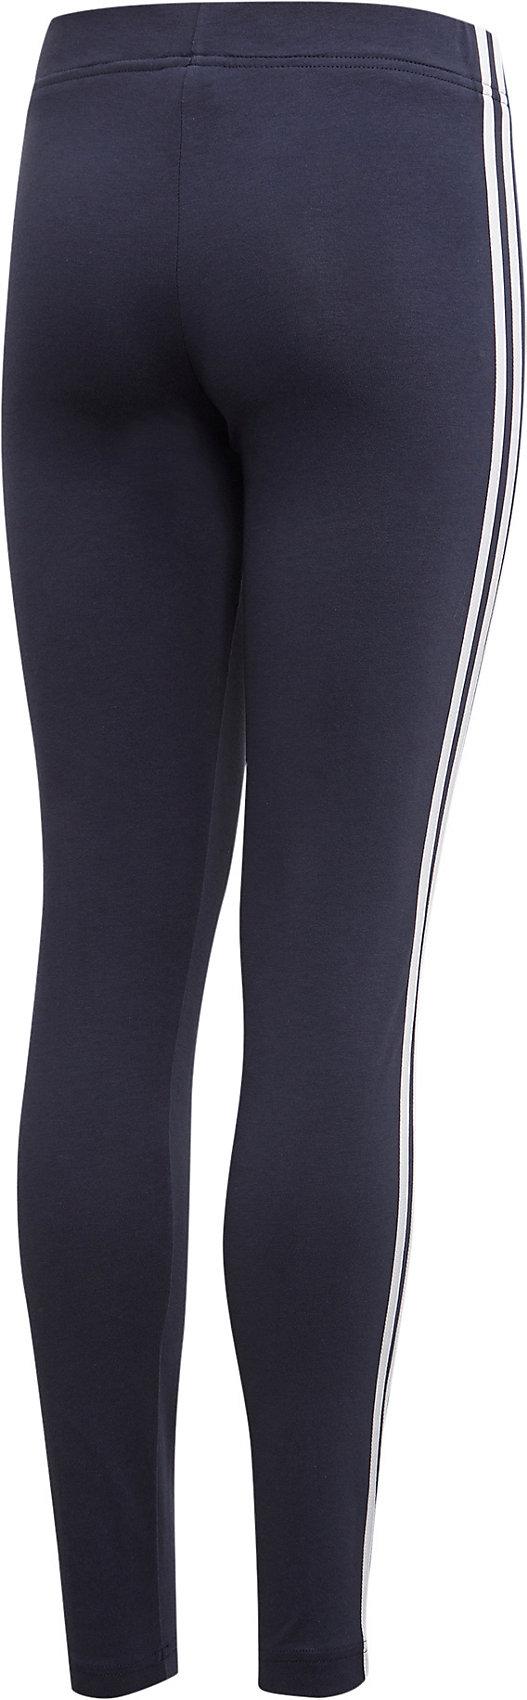 Details zu Neu adidas Performance Leggings YG E 3S 11159392 für Mädchen